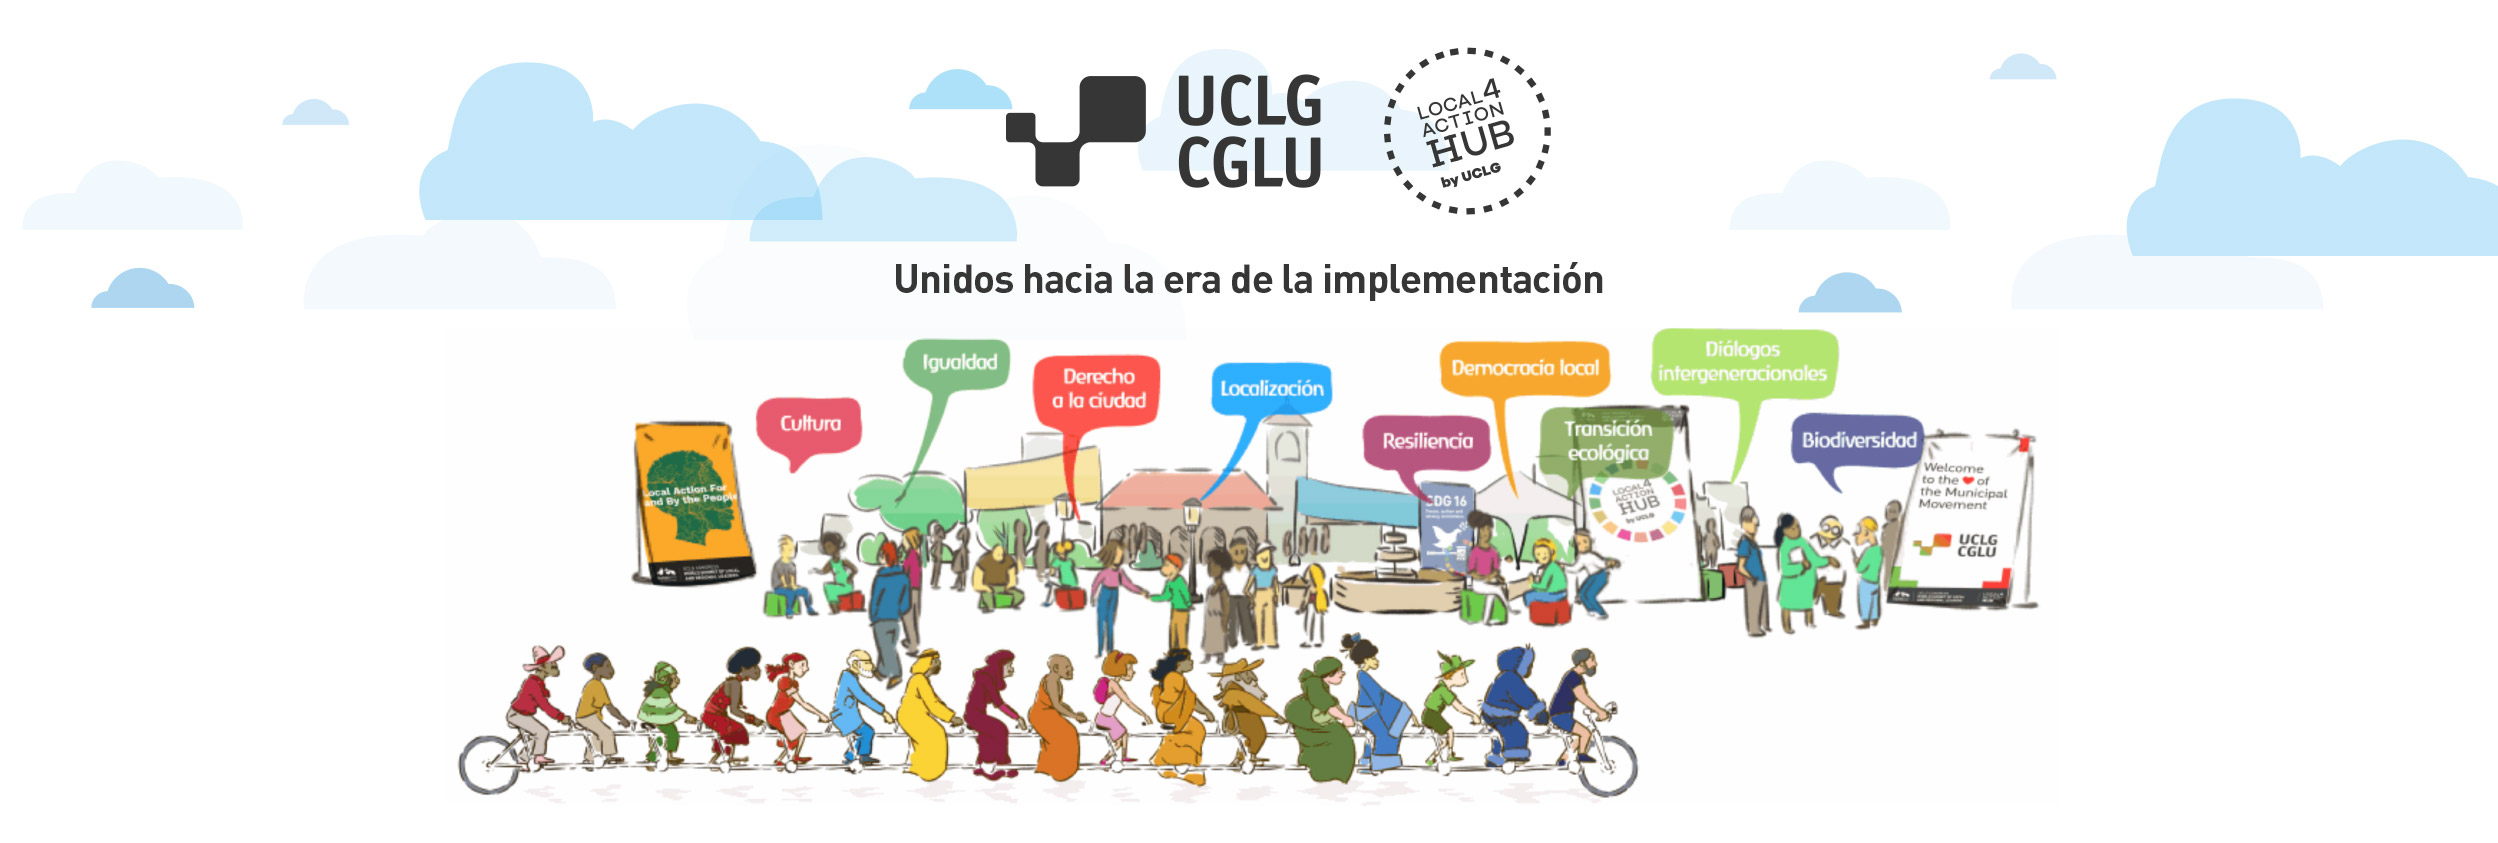 Mensaje de felicitaciones del Año nuevo 2020 del Presidente de CGLU